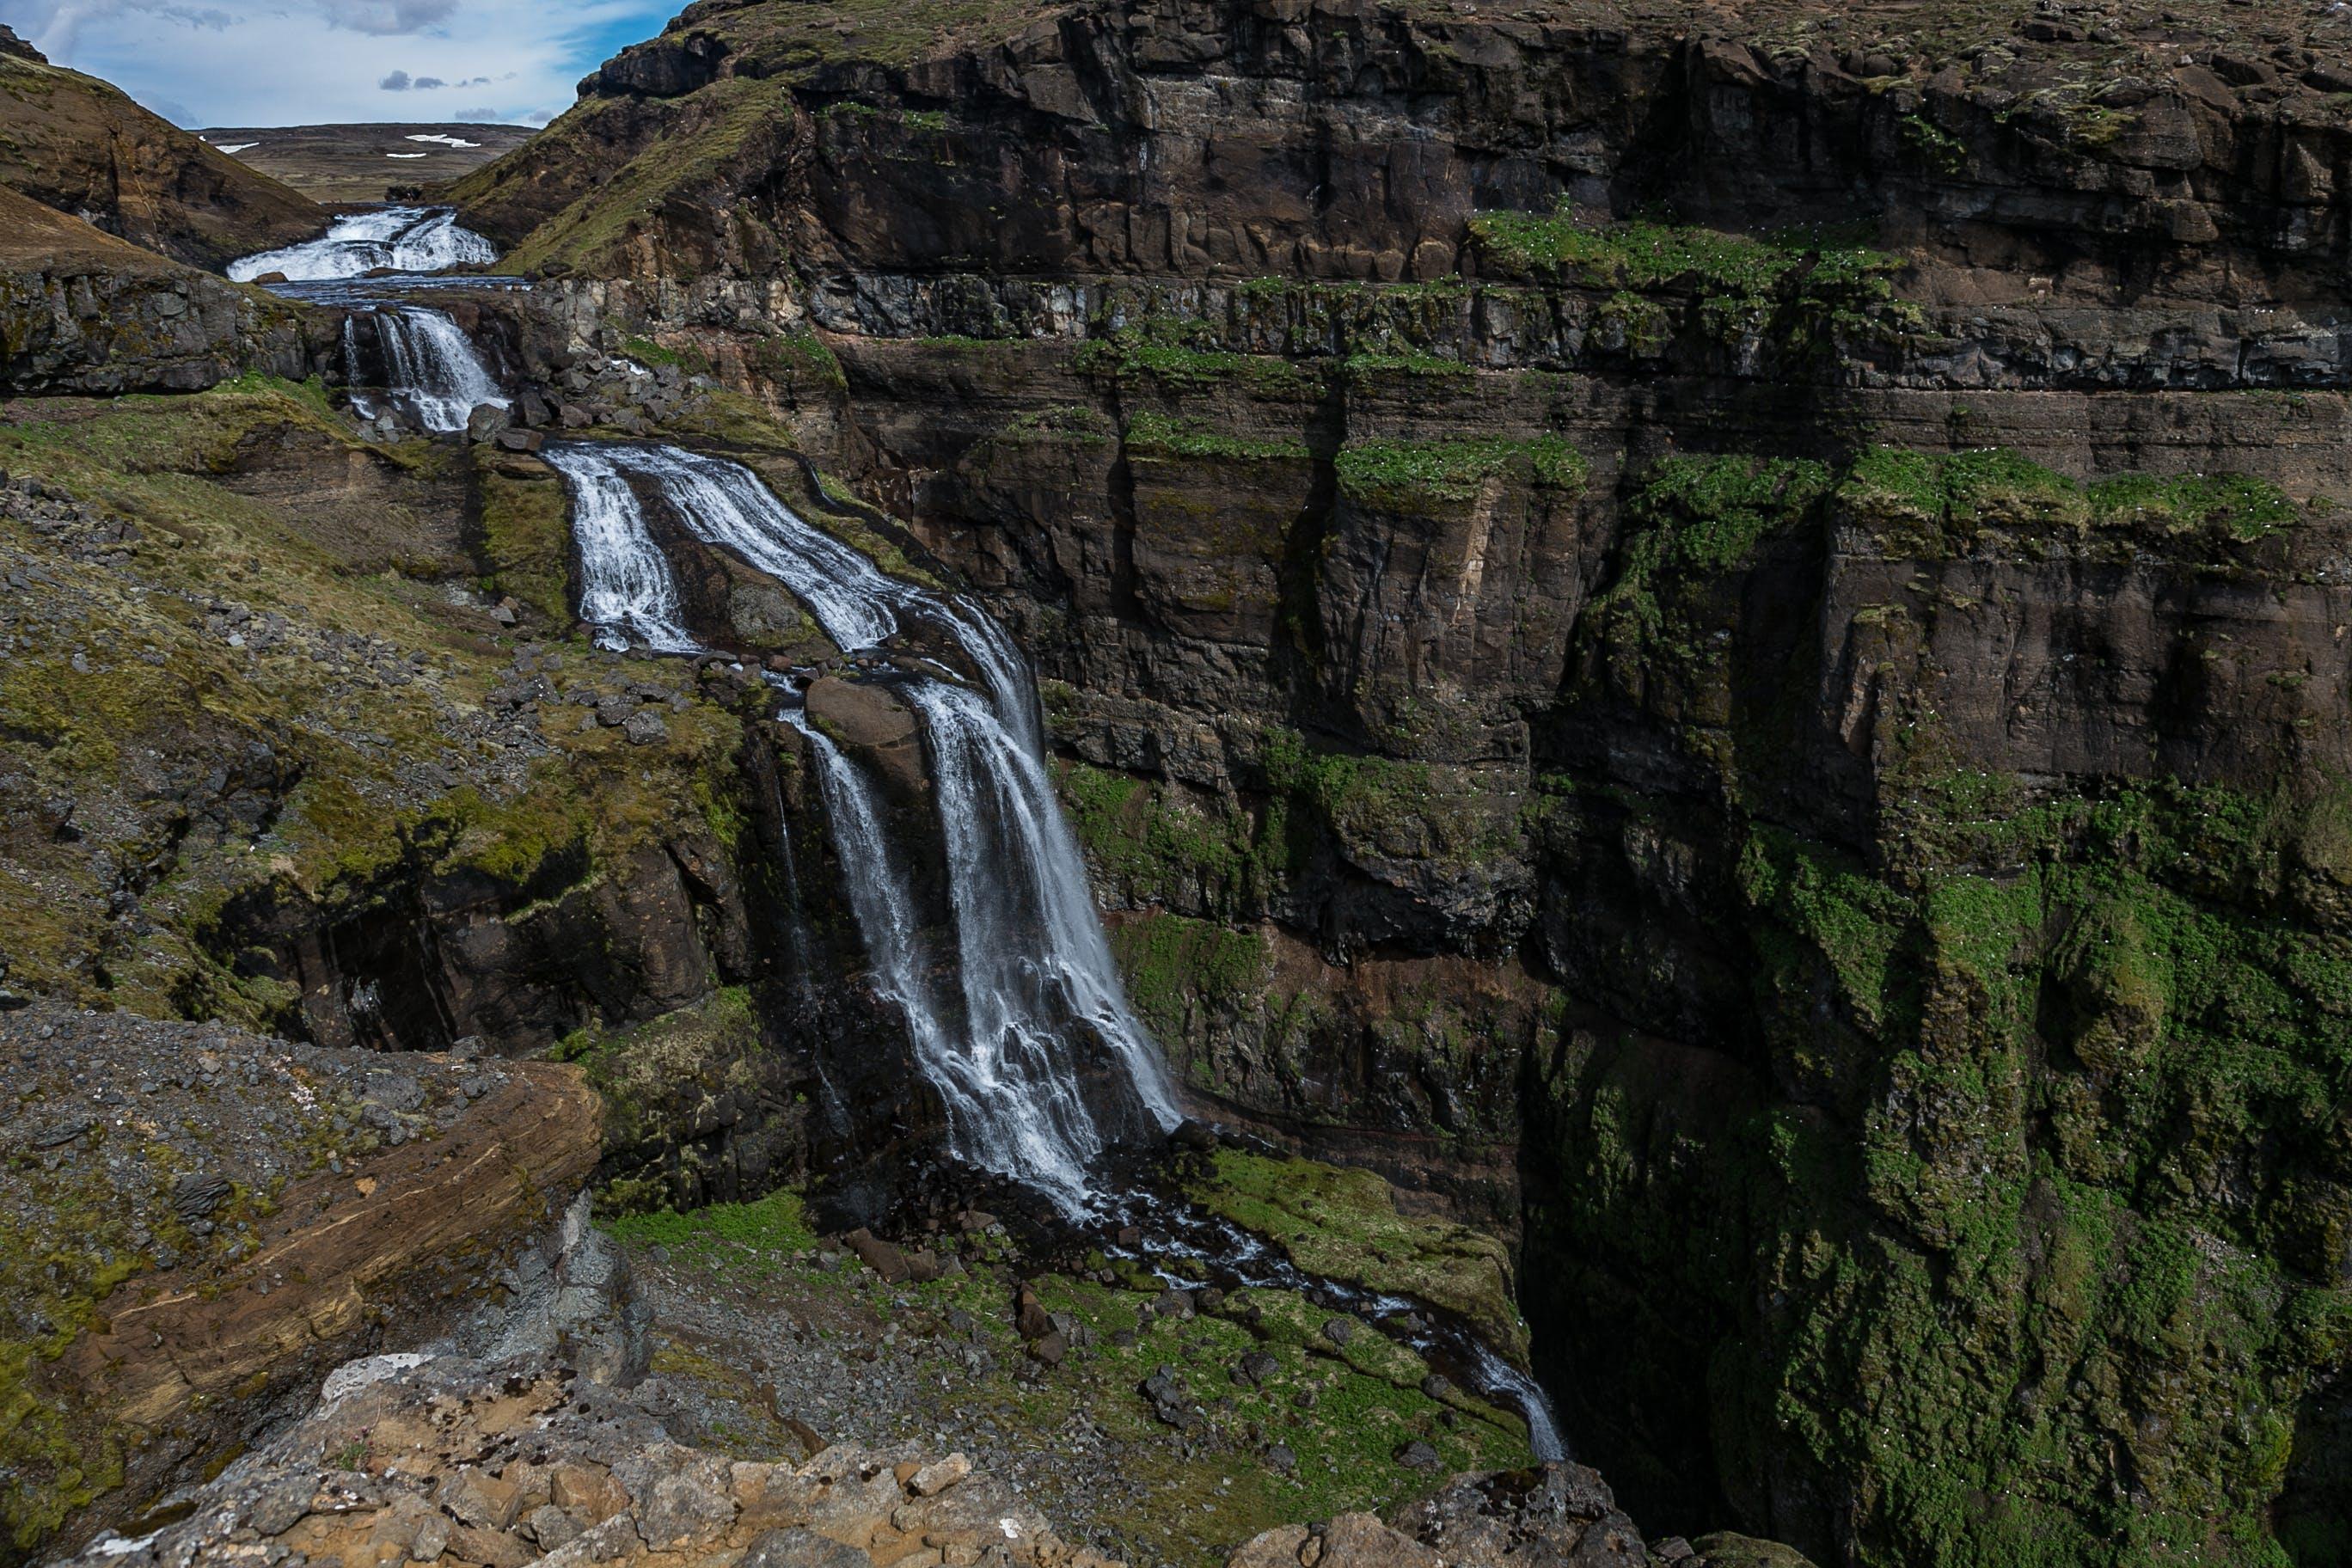 Gratis lagerfoto af bjerge, dagslys, fotografi, græs